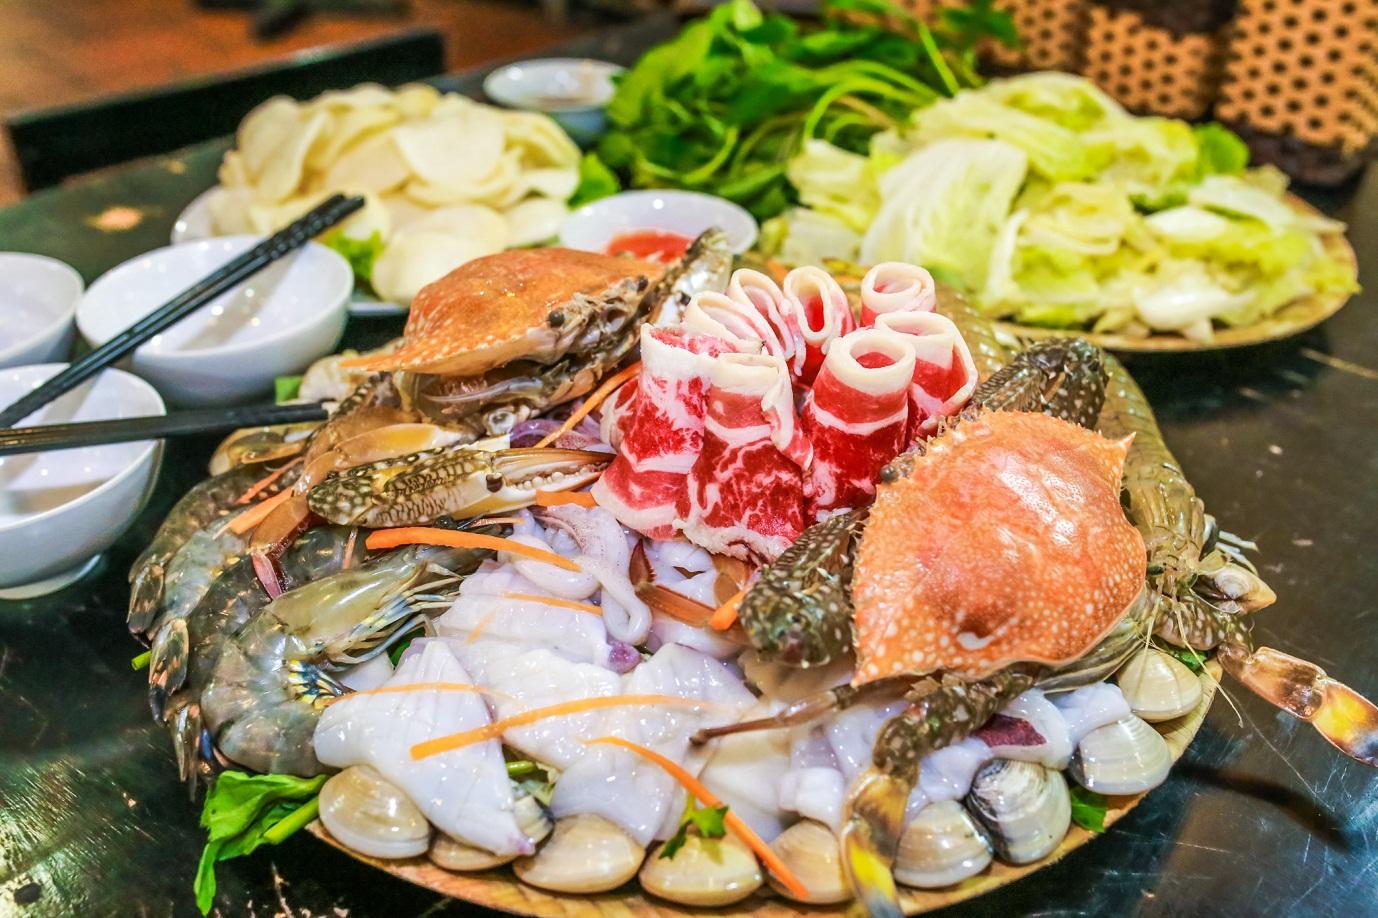 Top 10 Quán chợ vựa hải sản Cần Thơ tươi sống ngon giá rẻ tốt nhất